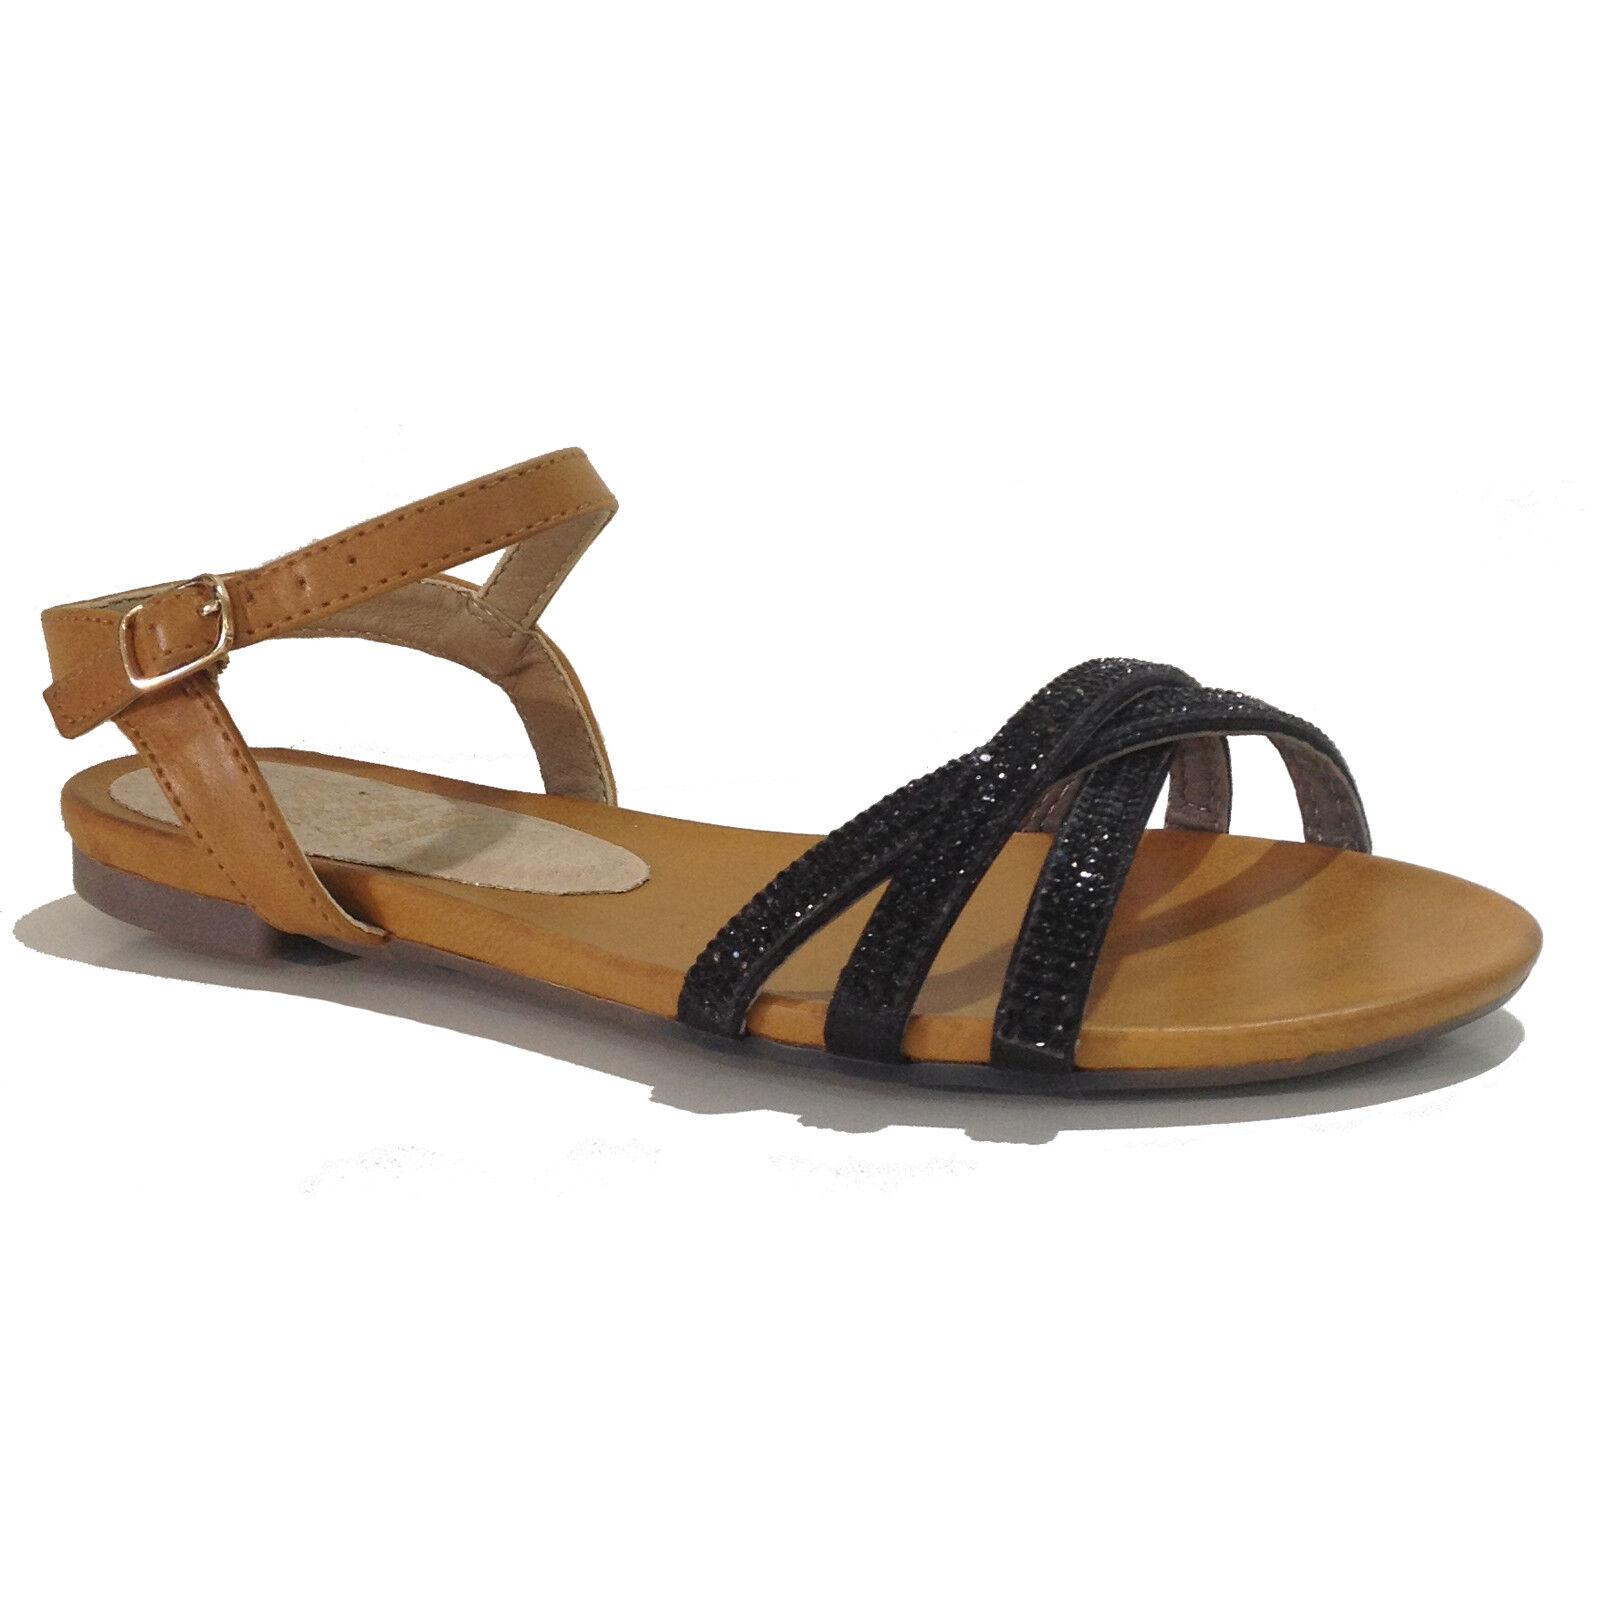 ☼ELEN☼ Sandale - Xti - Ref: 0623